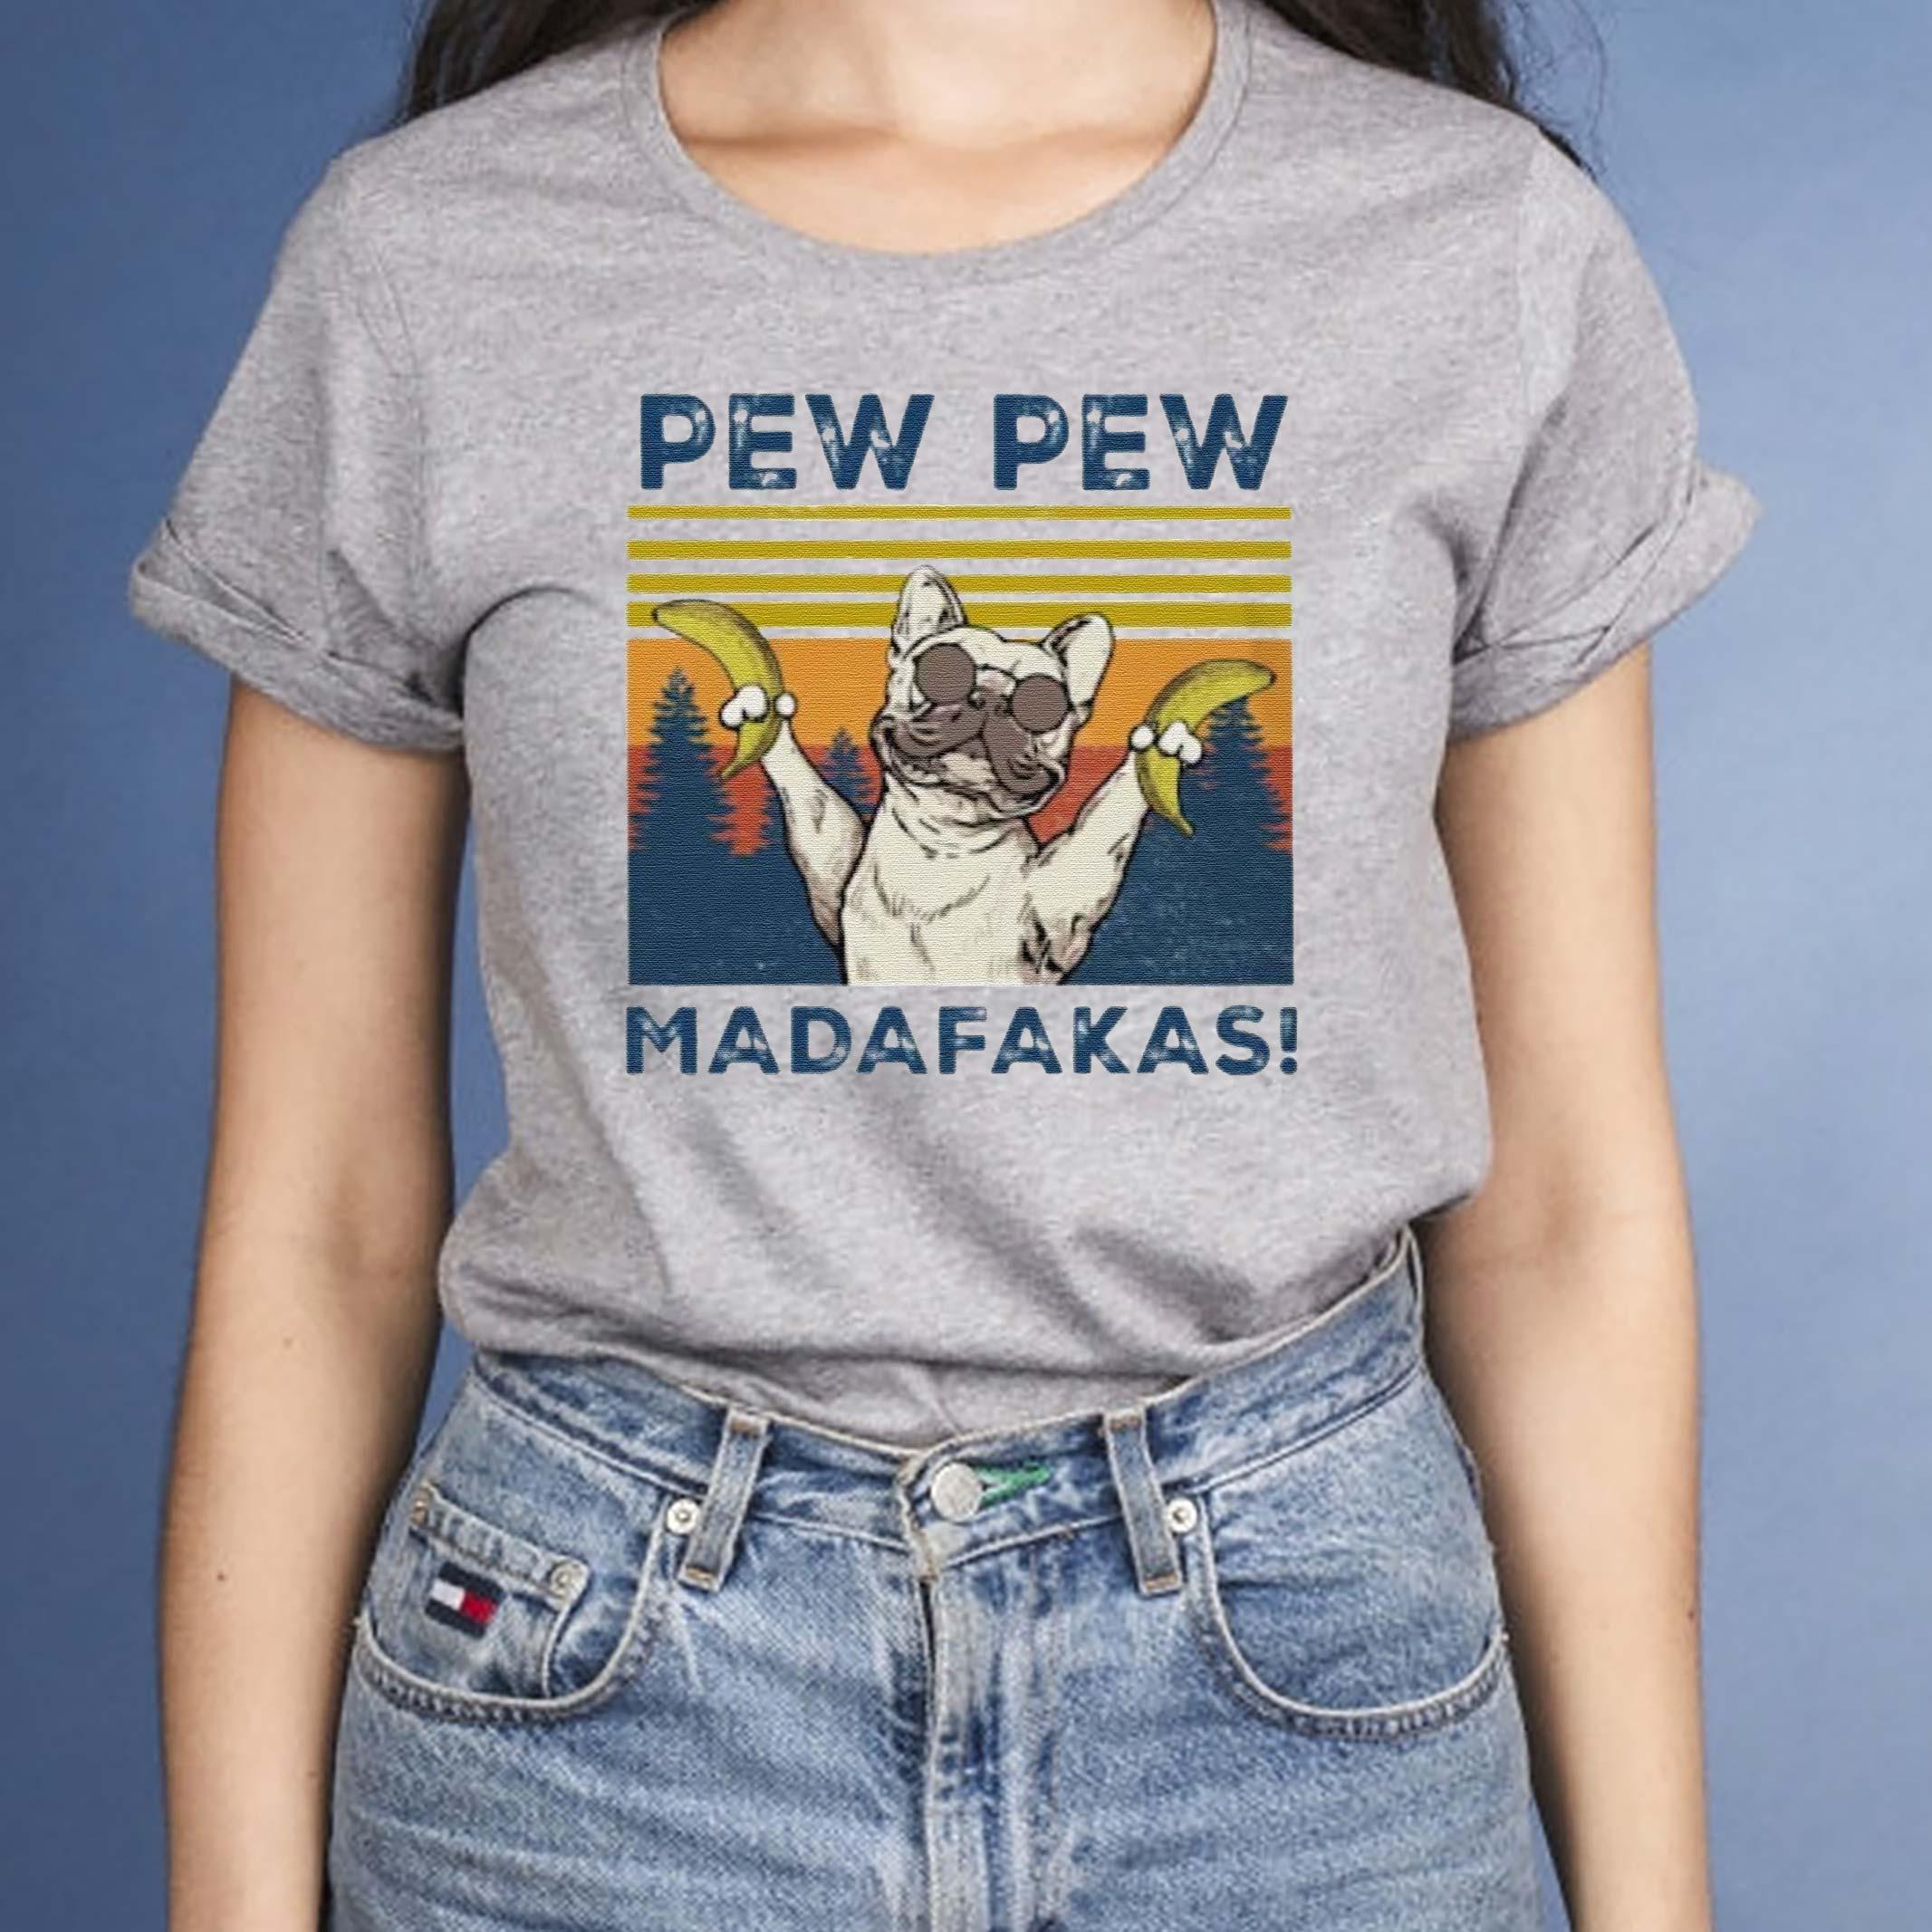 Pew-Pew-Madafakas-Shirts